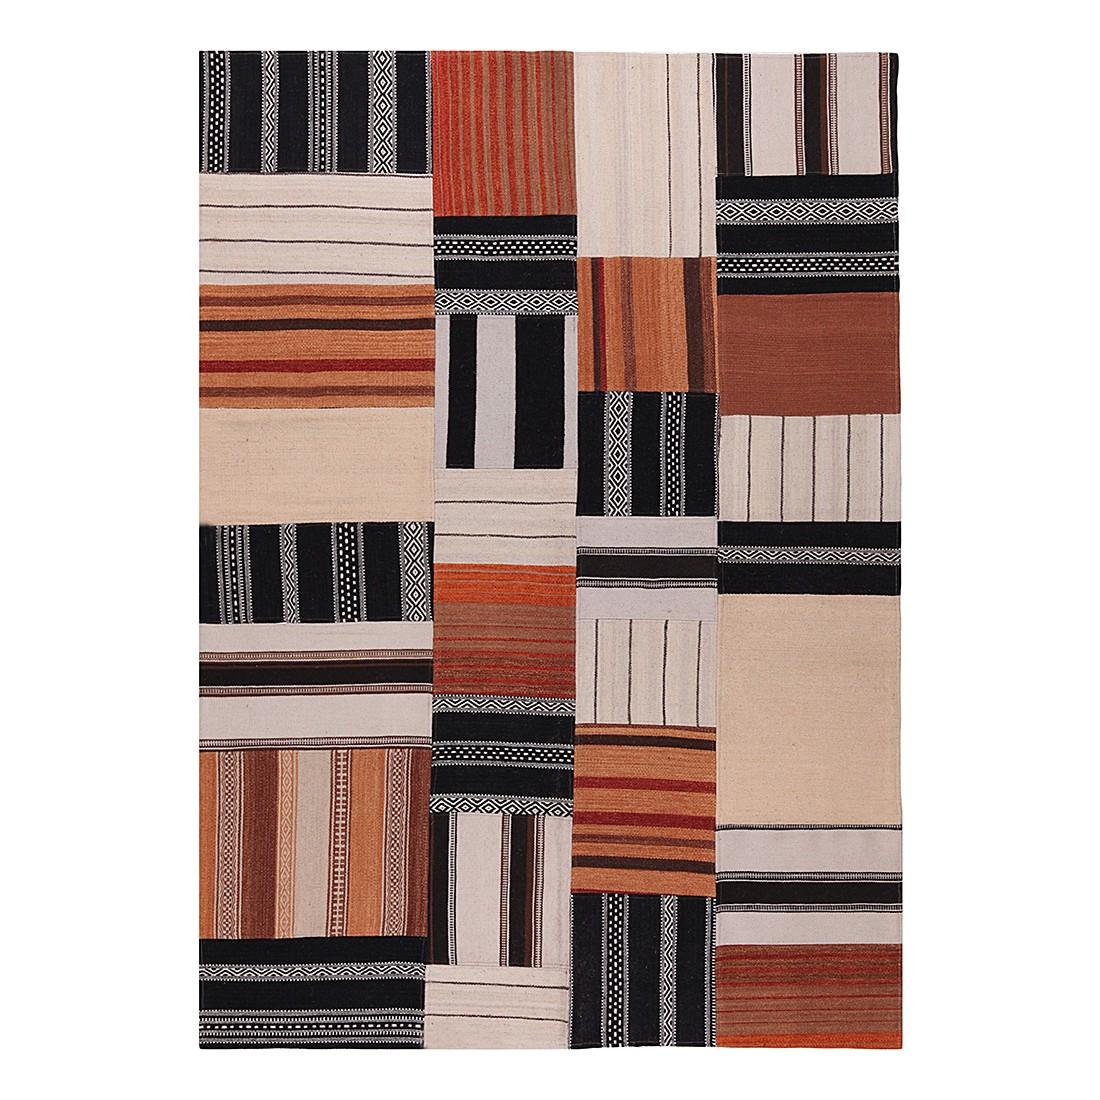 Teppich Mash Up – Wolle/Schwarz- Braun – 240 x 170 cm, Talis Teppiche günstig